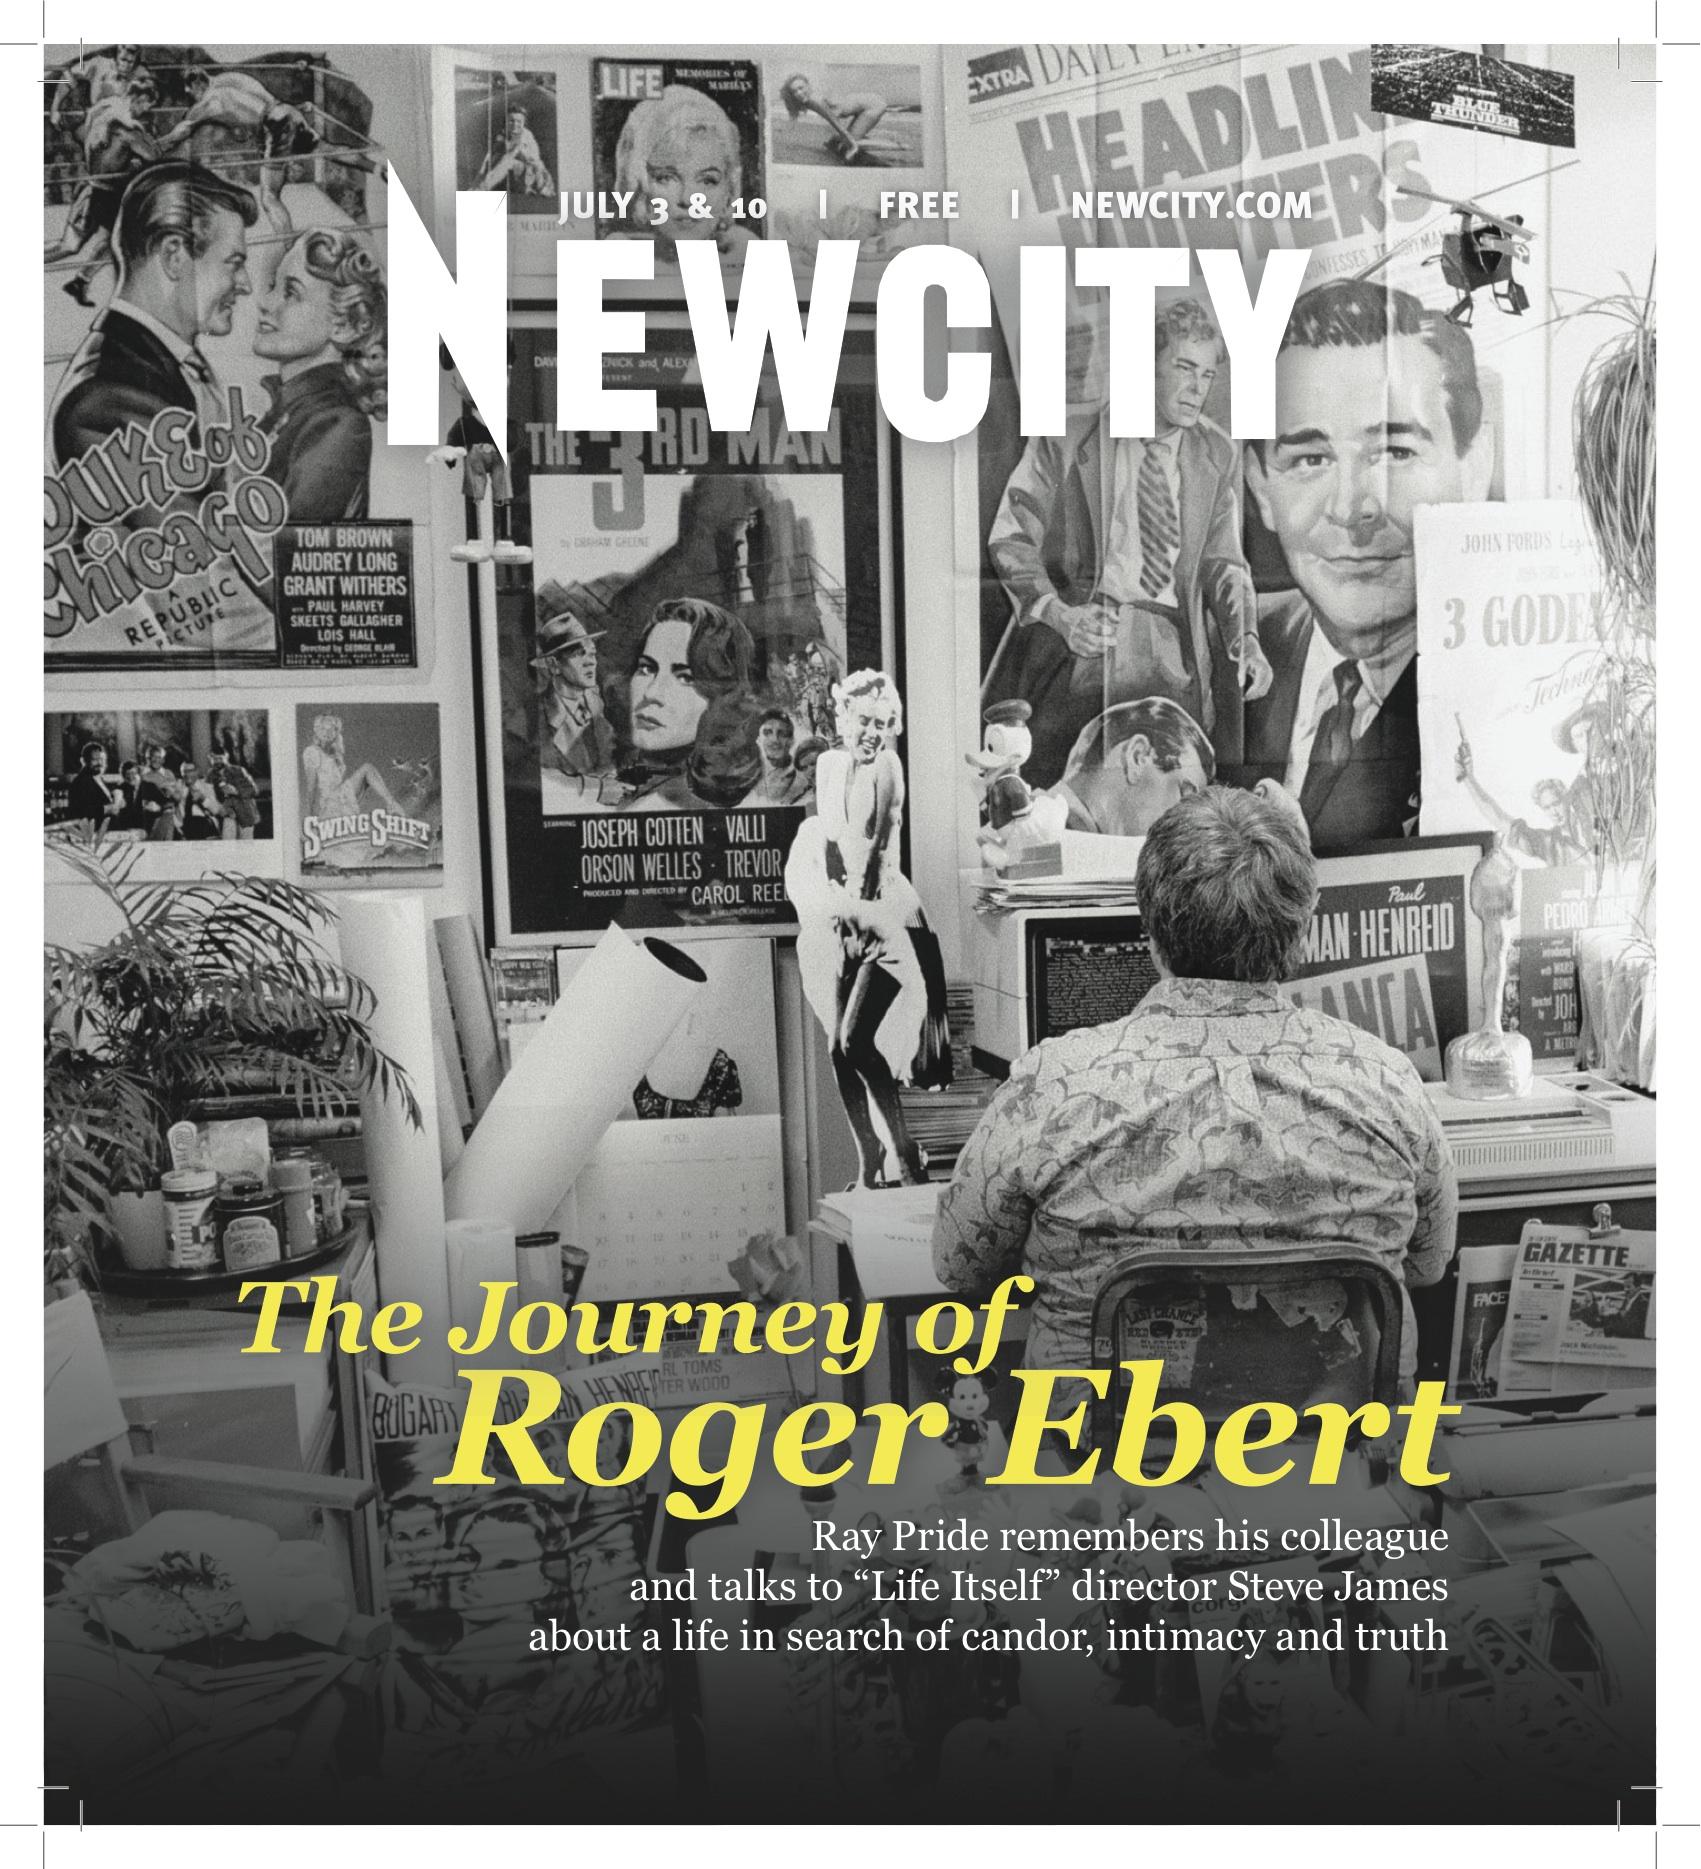 The Journey of Roger Ebert